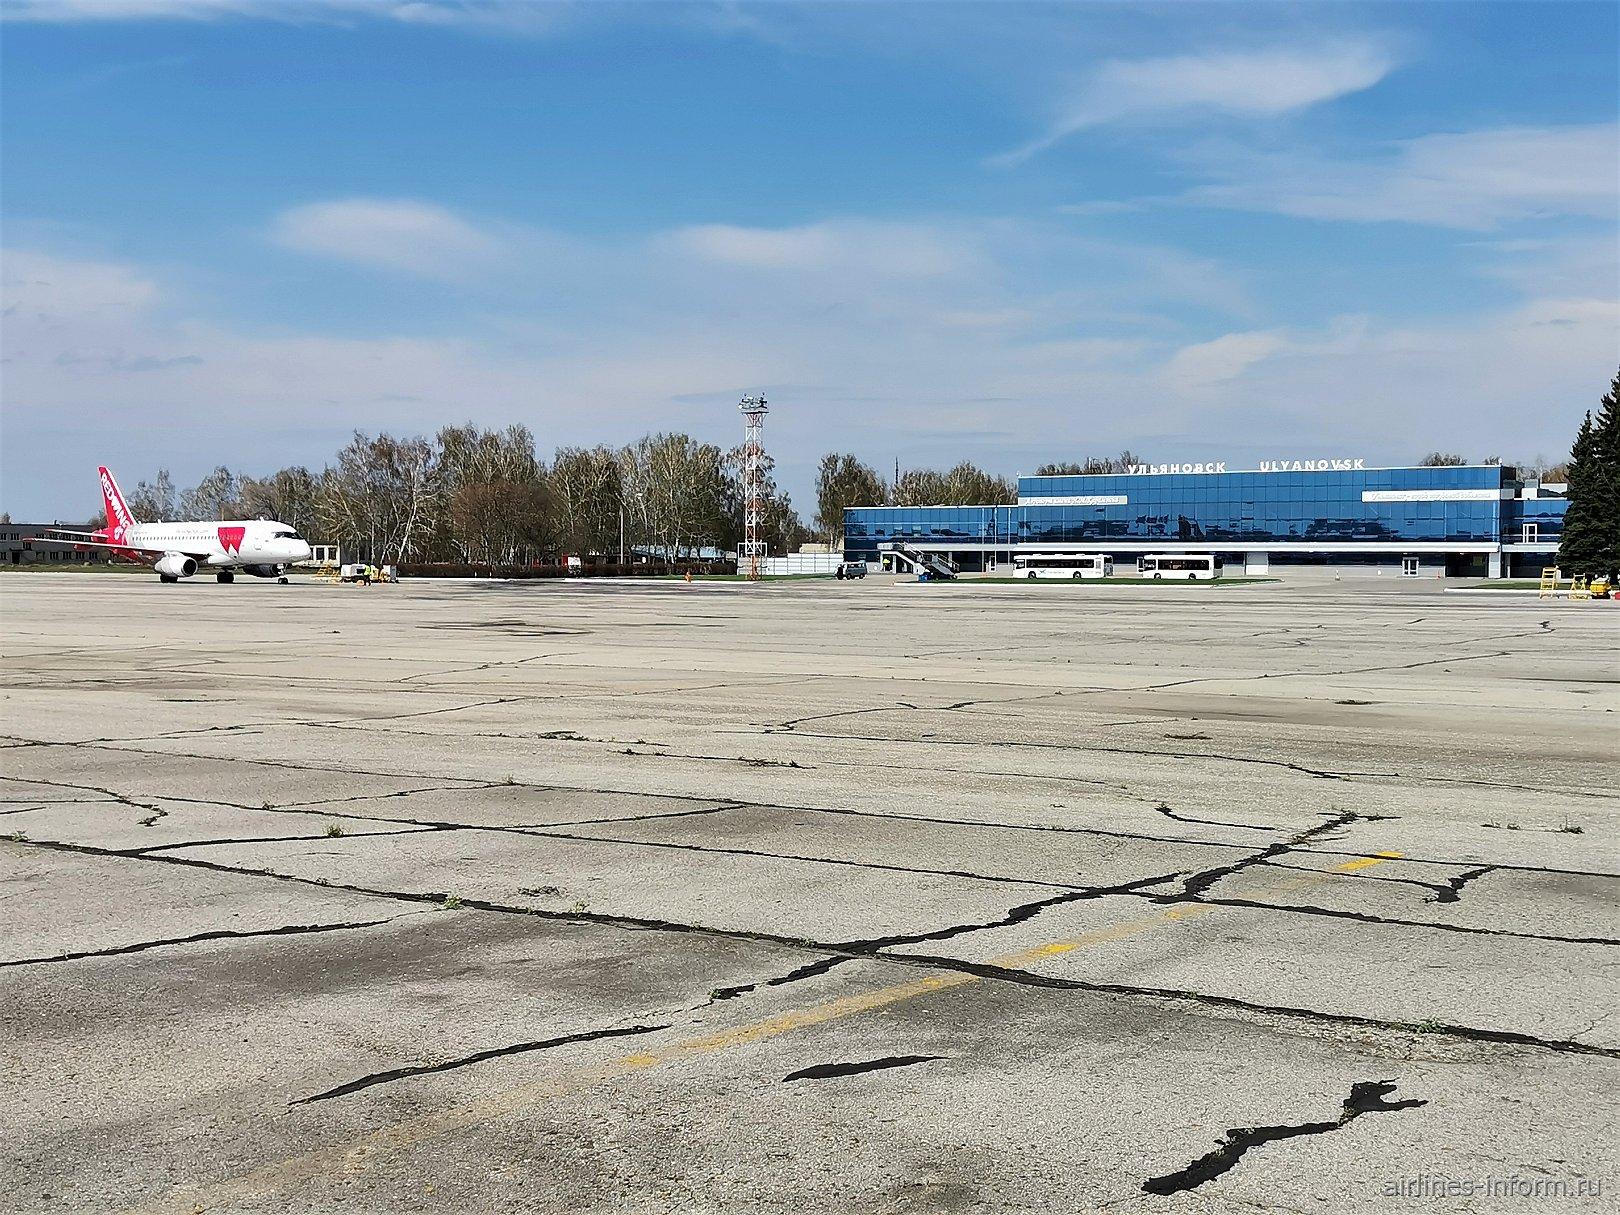 Перрон аэропорта Ульяновск Баратаевка